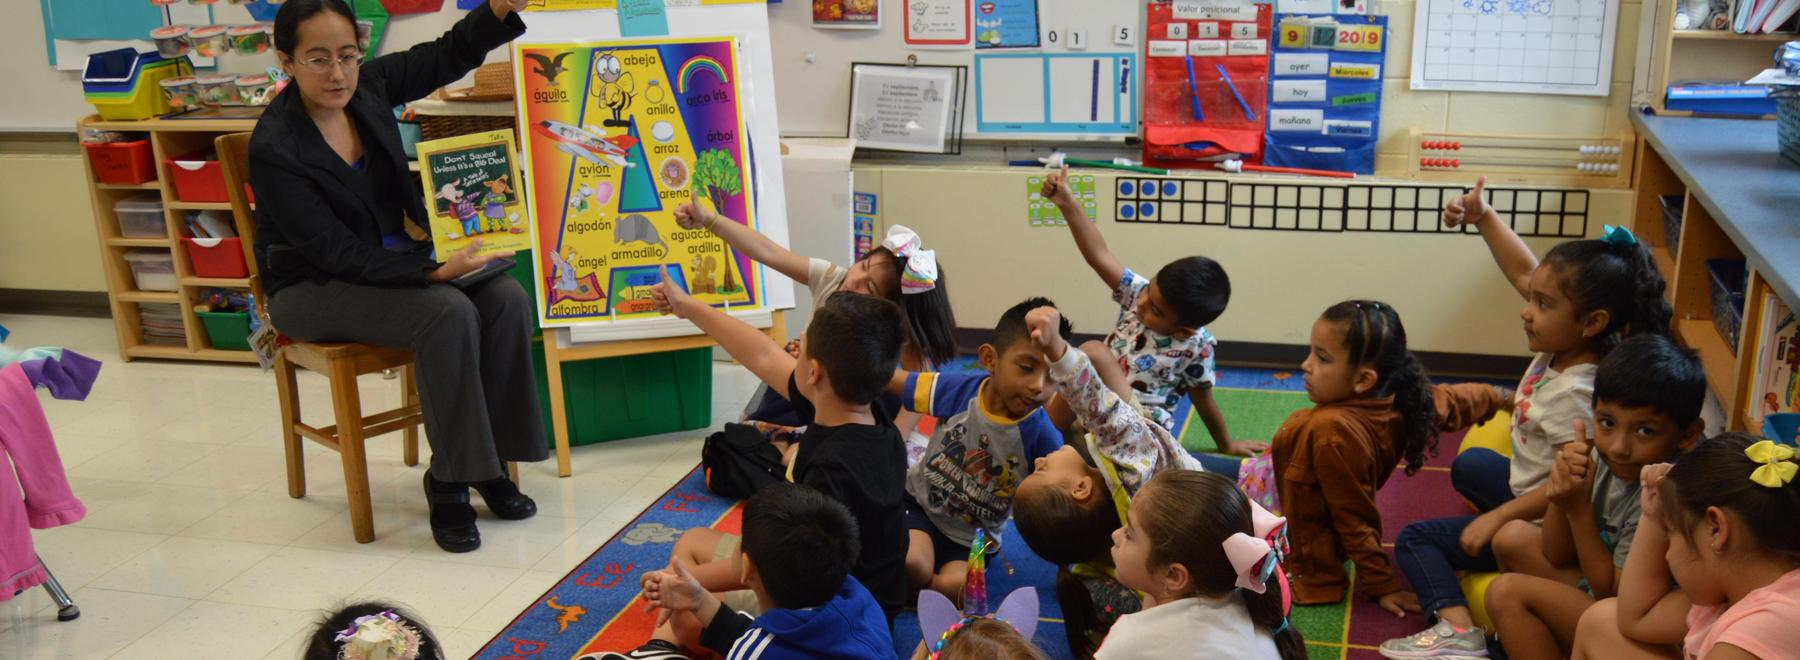 Wesley kindergarten